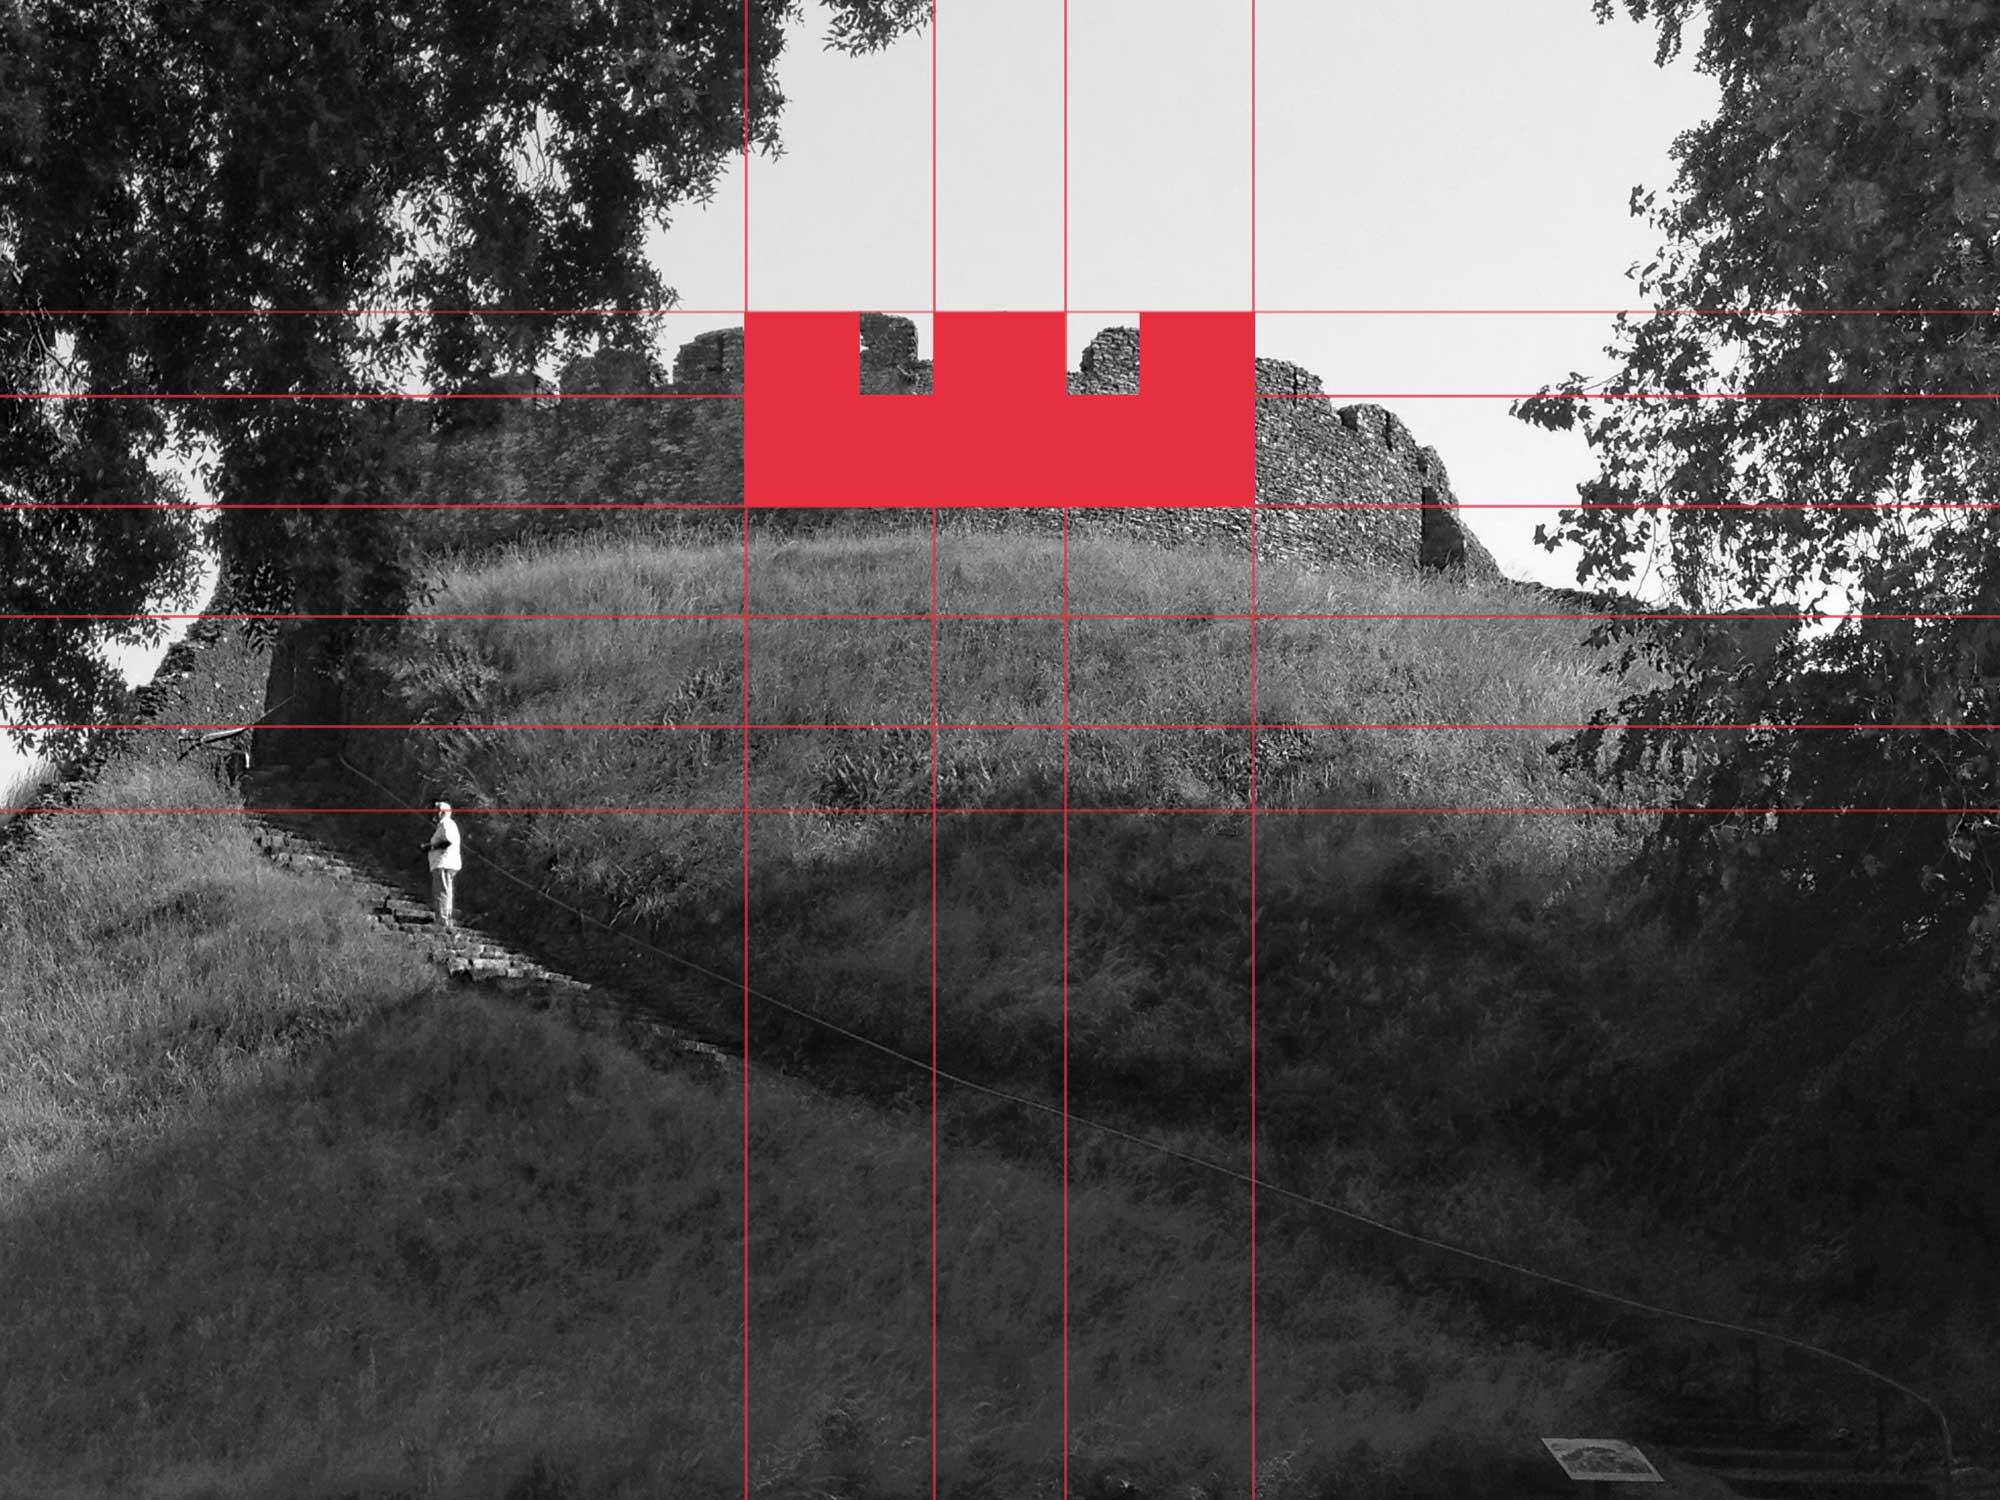 Visit-tones-for-left-bridge-logo-c.jpg